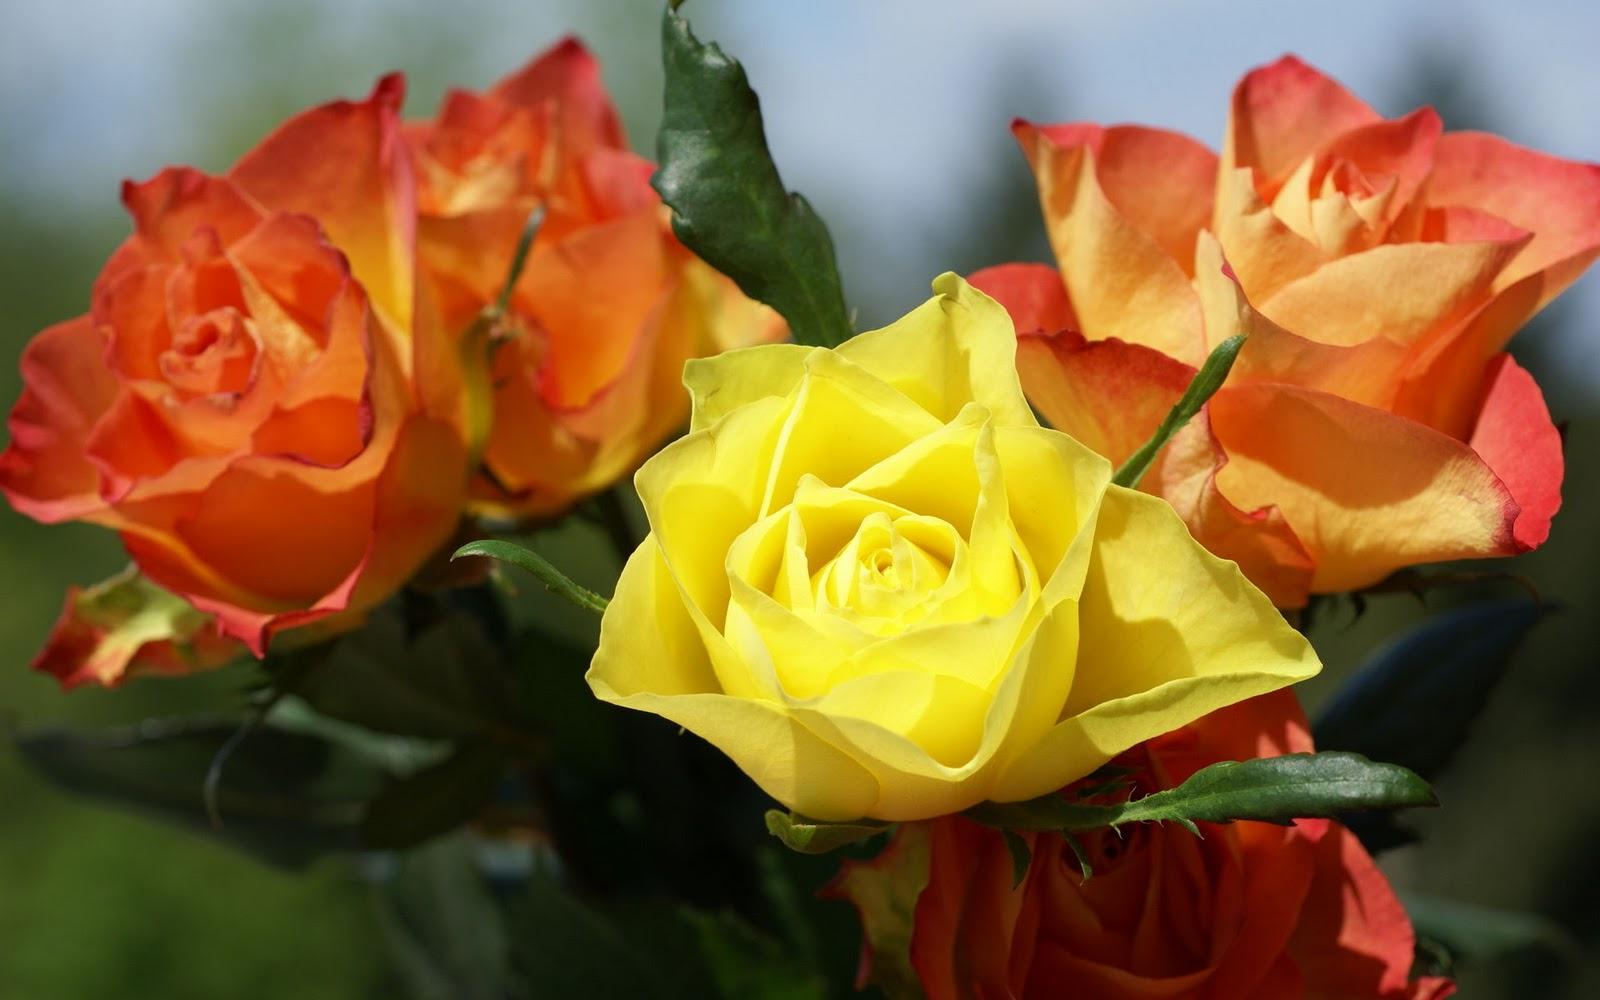 Desktop inspiratoin beautiful rose flower wallpaper - Rose screensaver ...